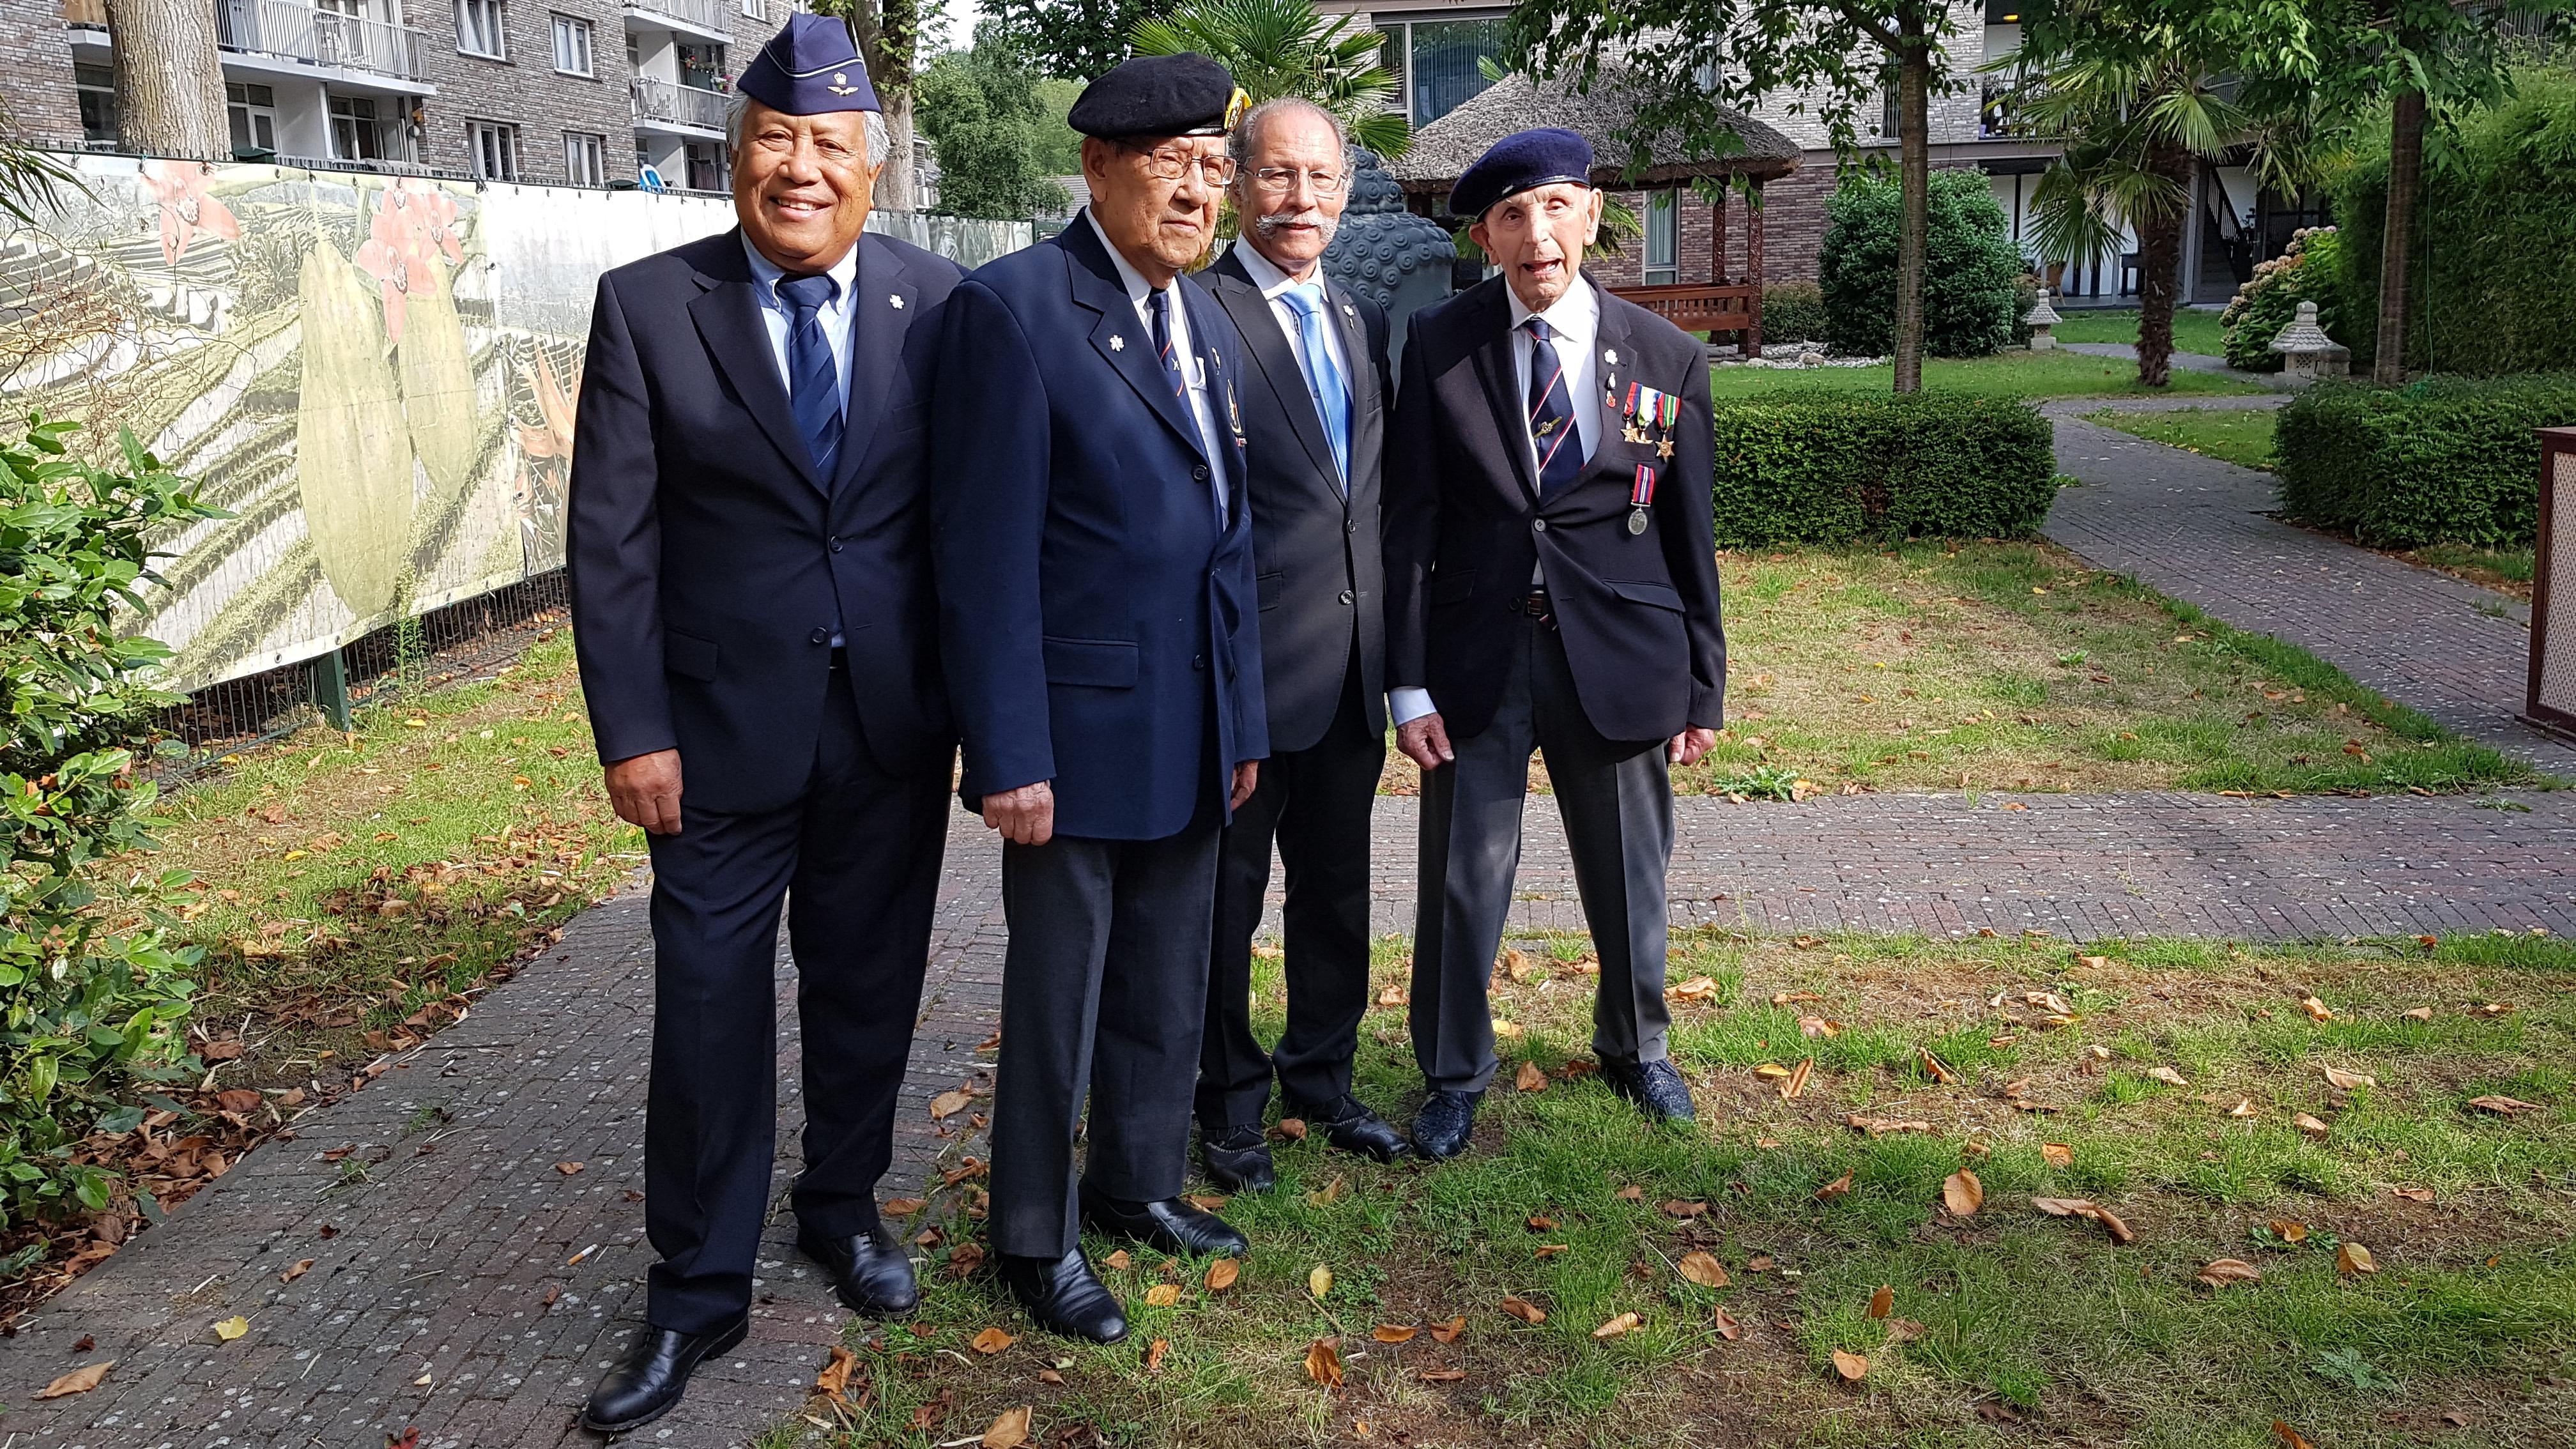 Bestuurslid SIOH Huultrich Landegent, veteraan Frits Rijnenberg, voorzitter SIOH Robin Gieseke en veteraan Harry Watson. (Foto: Rodi Media)